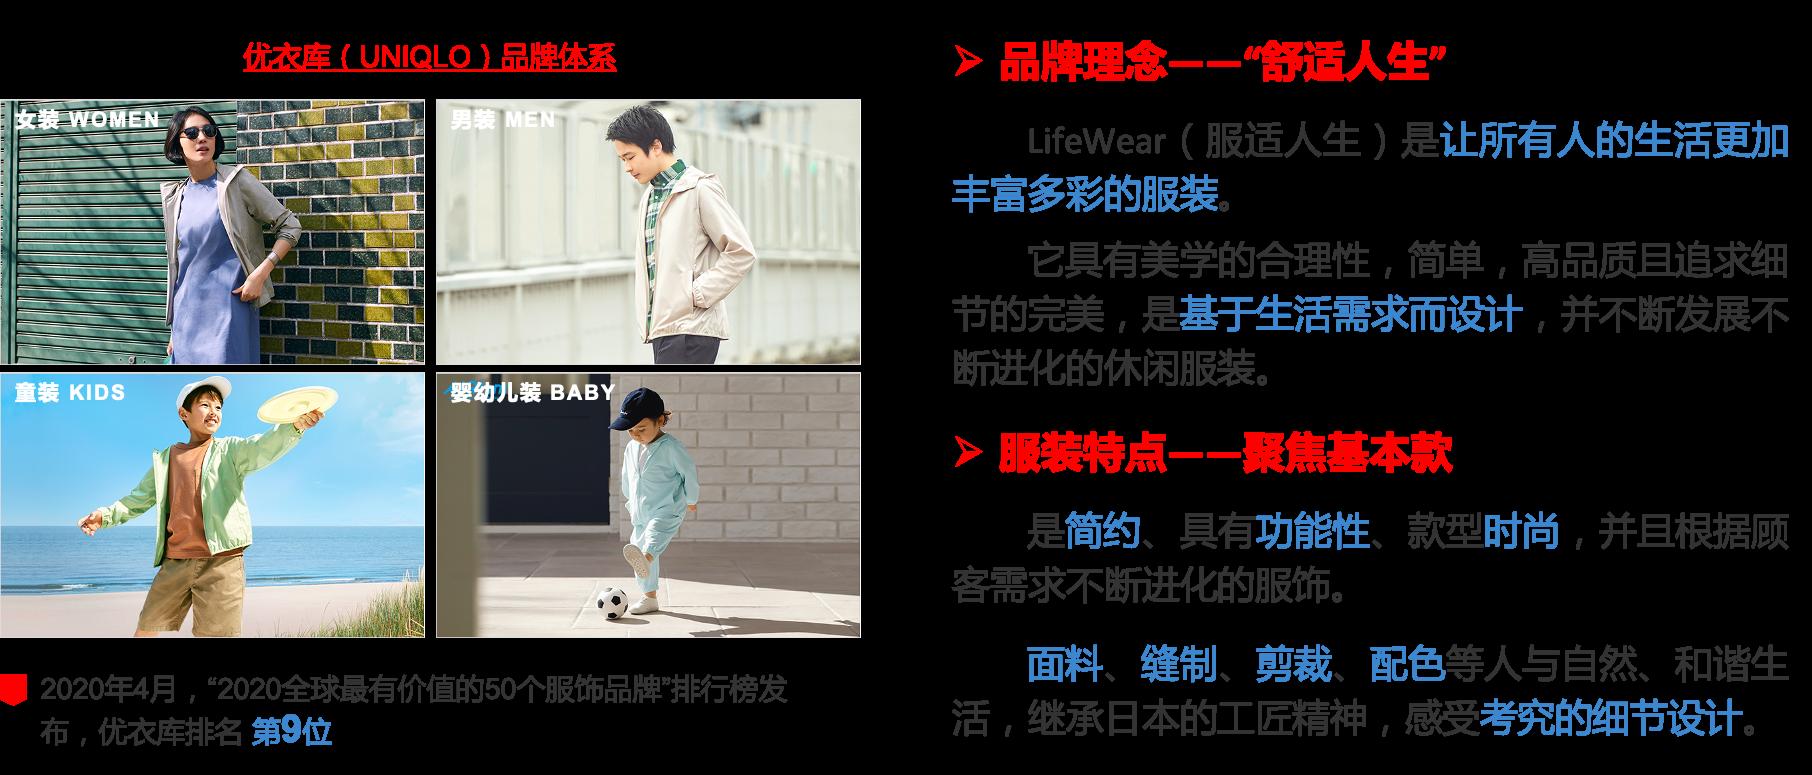 优衣库介绍